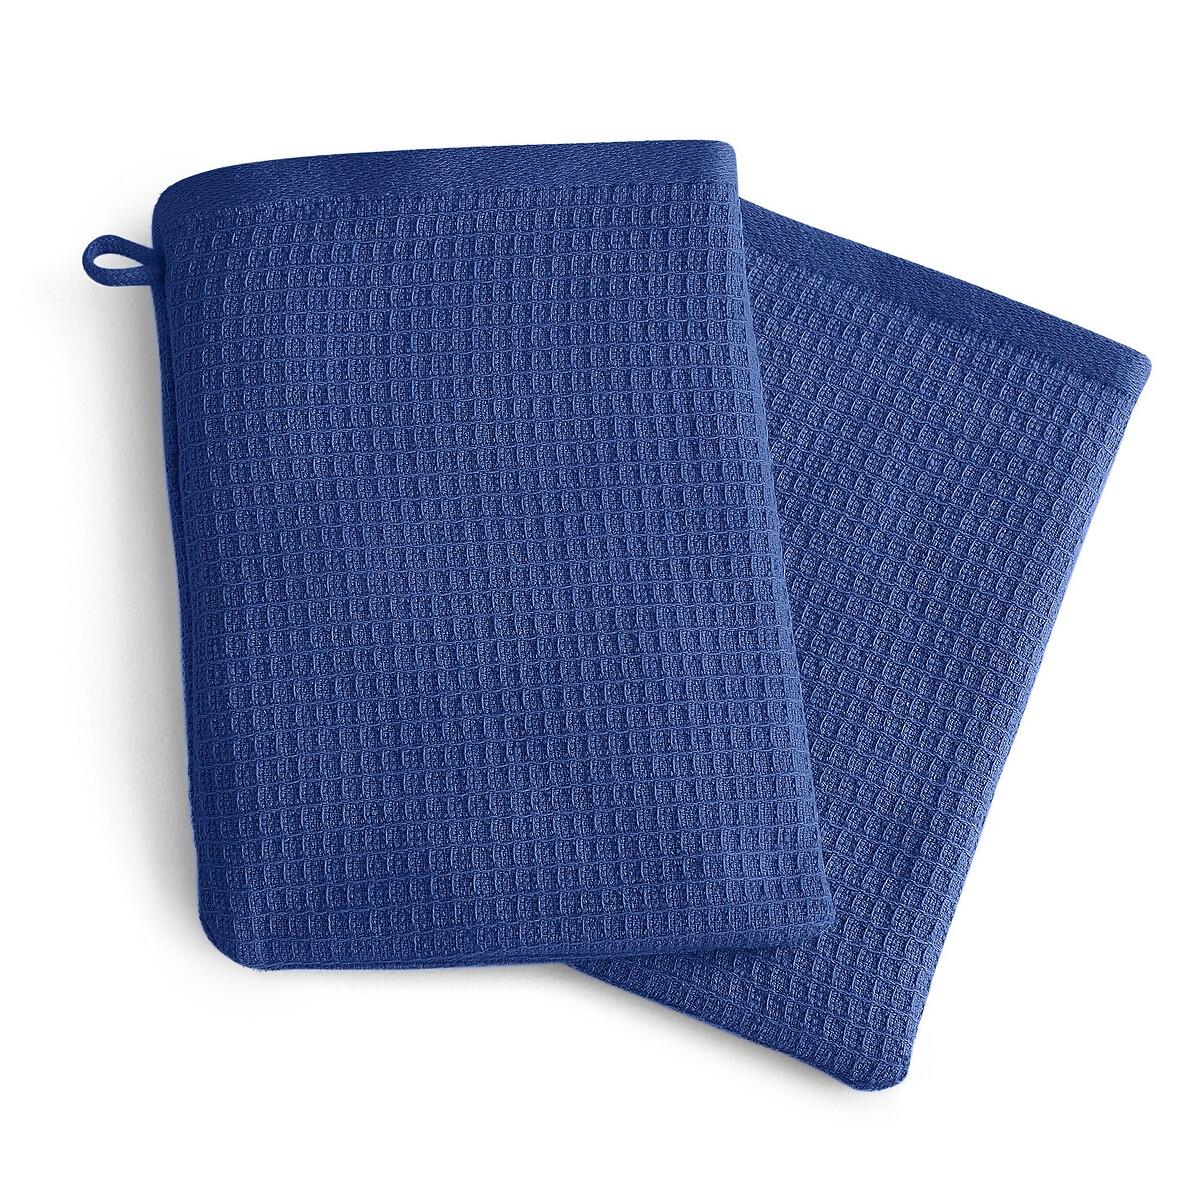 цены Комплект из банных рукавичек La Redoute Из хлопка и льна Nipaly 15 x 21 см синий